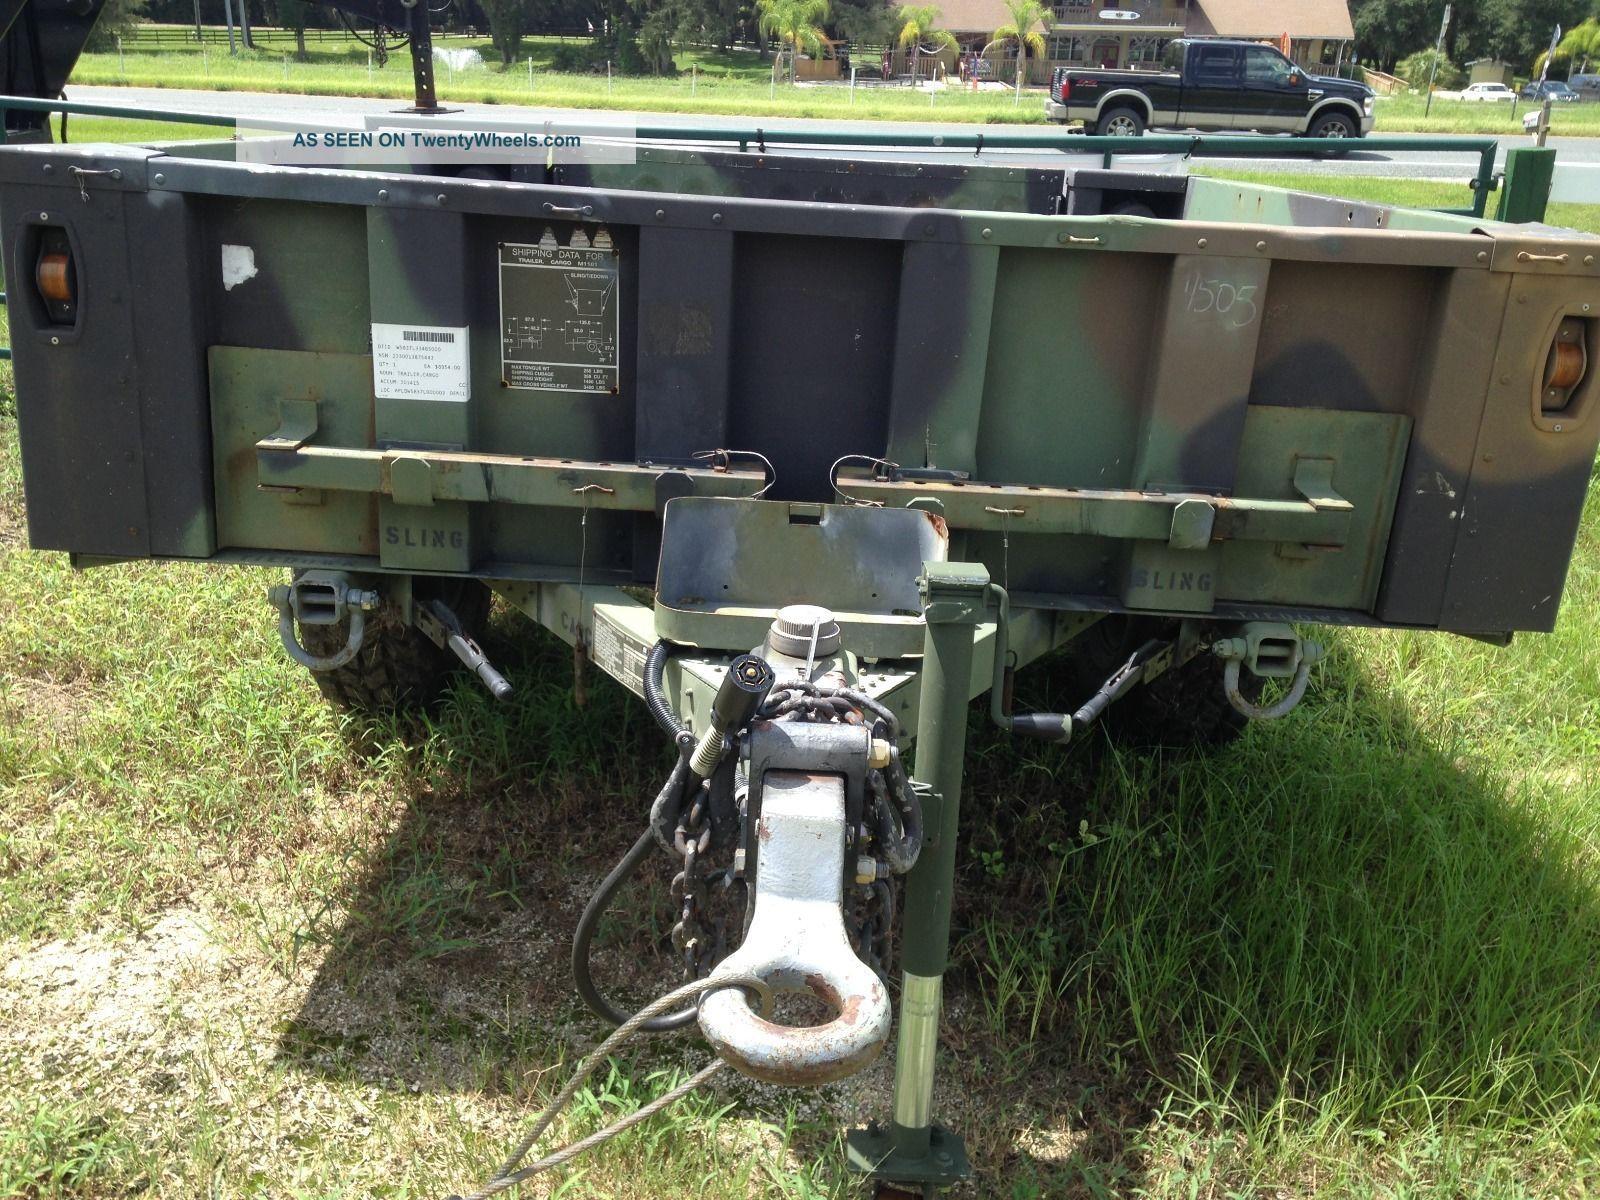 M1101 Military Cargo Trailer 1 1/2 Ton